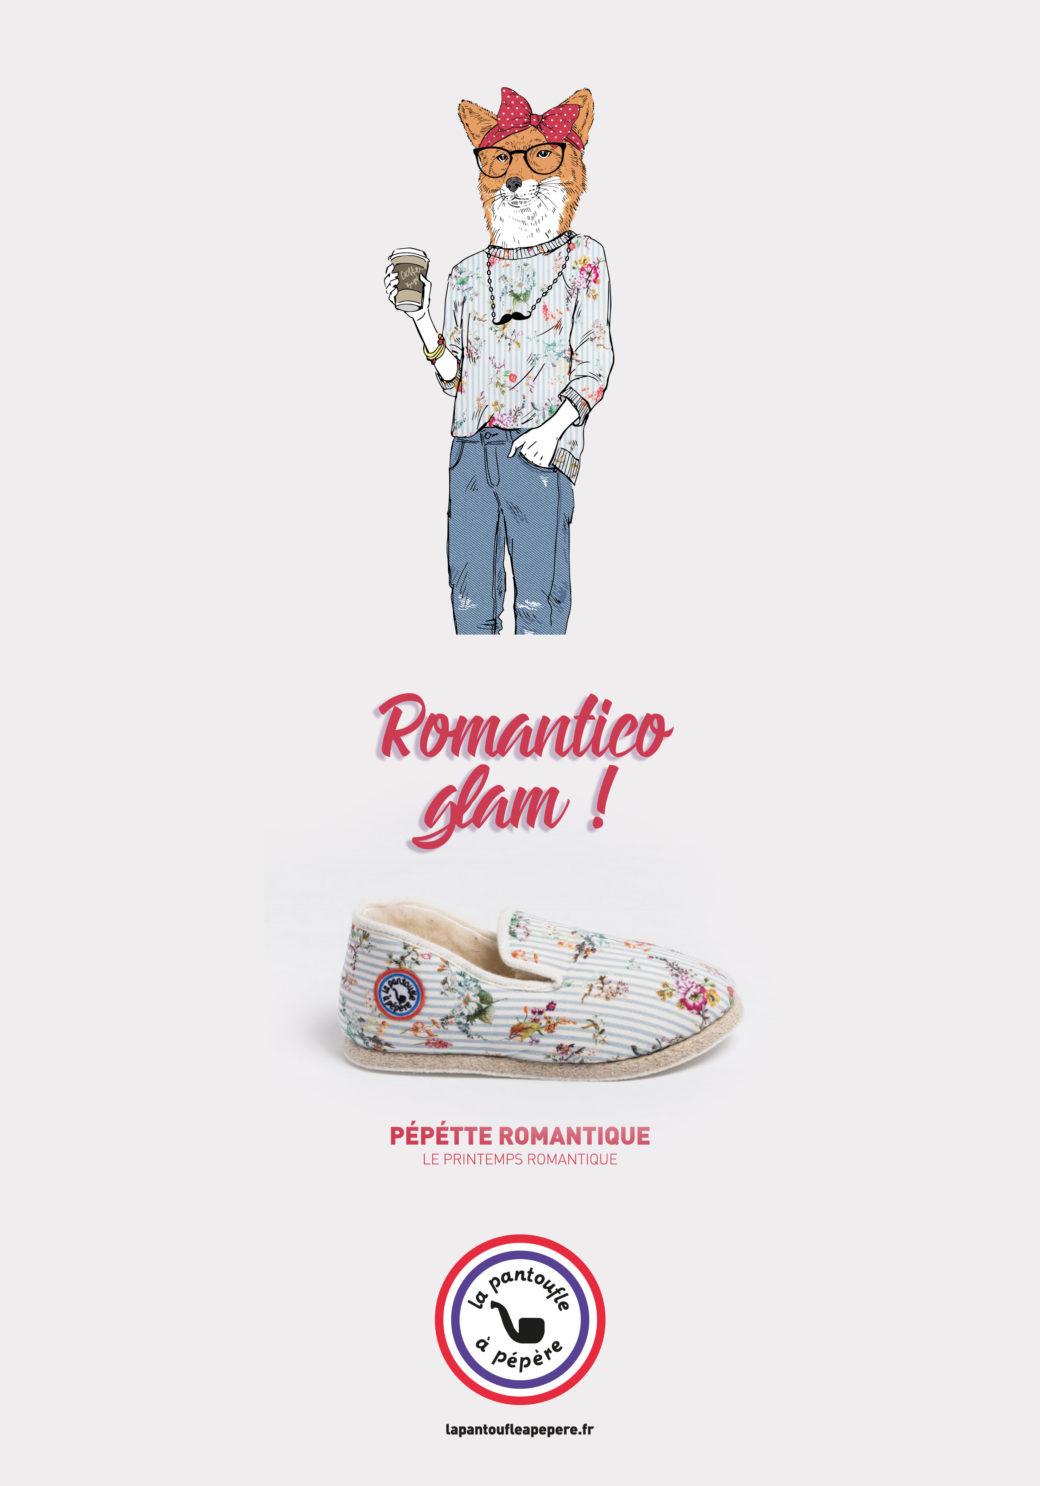 Campagne publicitaire La Pantoufle à Pépère - Conception Sakkamoto - Agence de publicité et de communication Lilloise - Conception, création, rédaction et contenu de marques